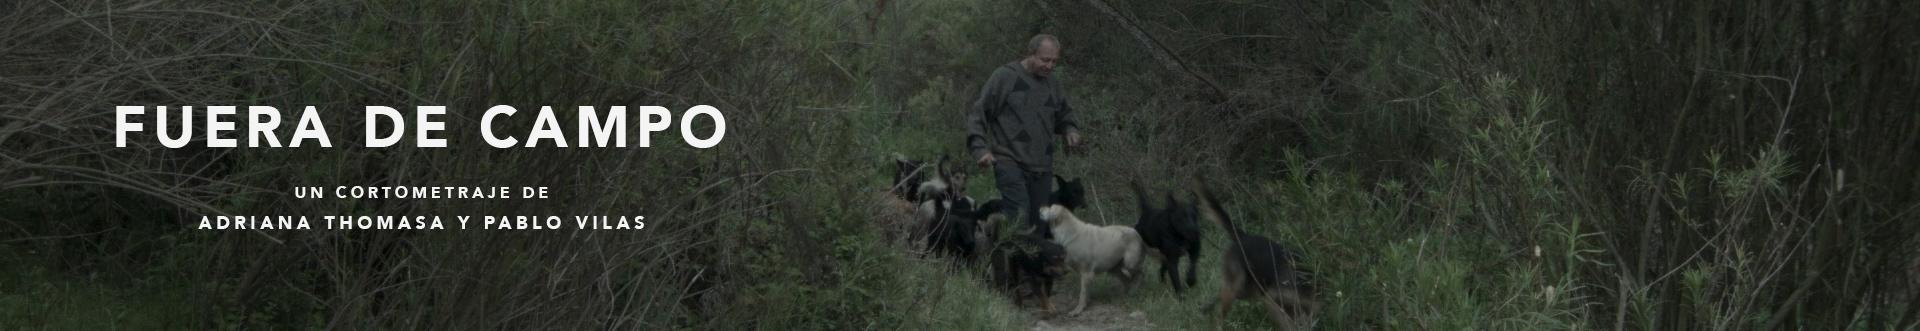 Imagen de película: Fuera de campo